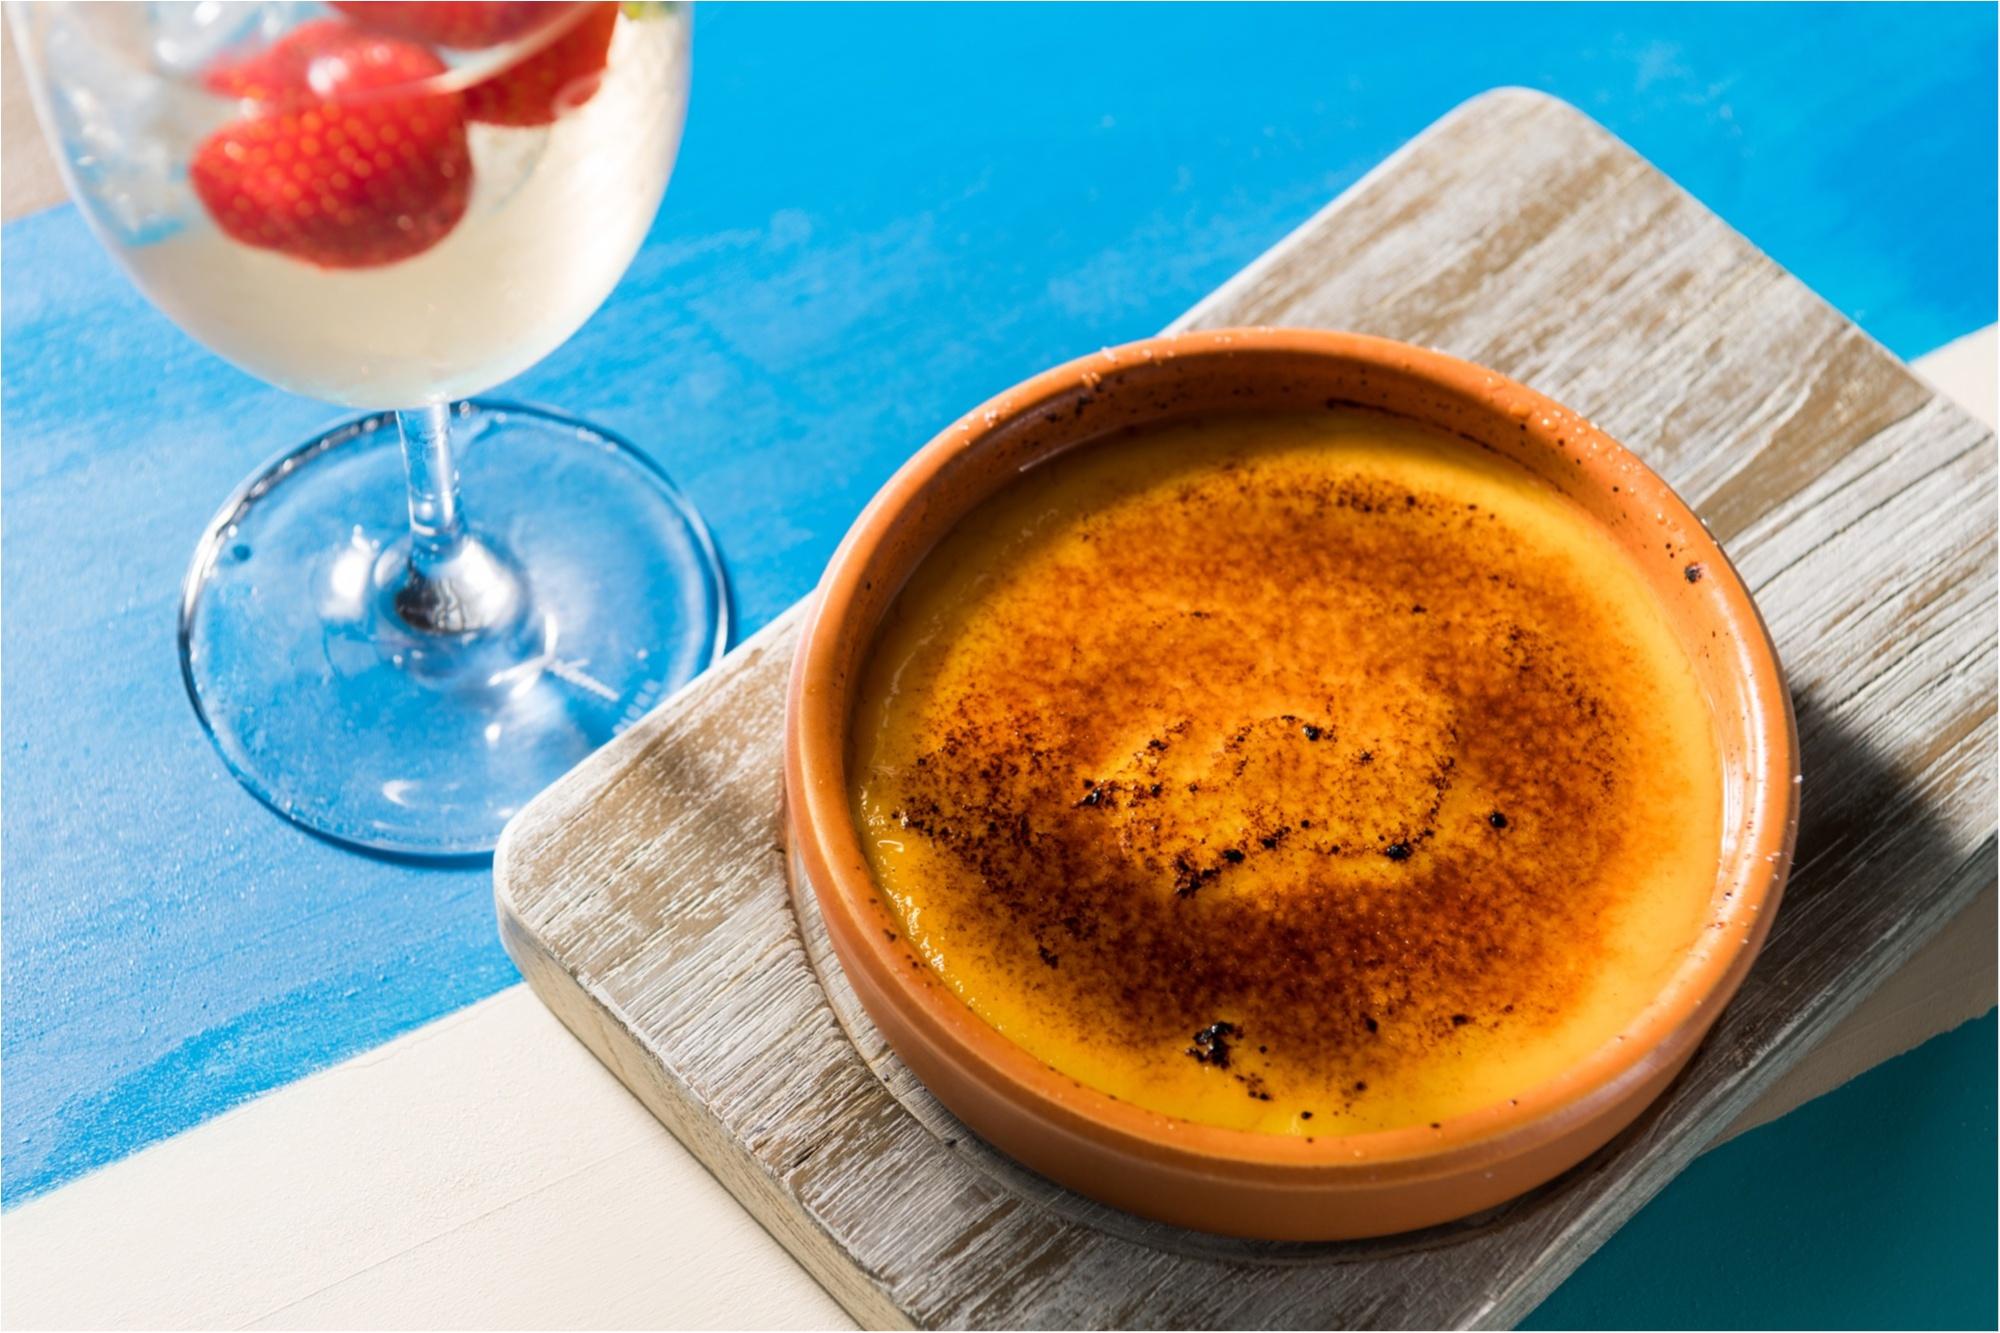 バルセロナで一番おいしいパエリアも、レモネード専門店も! 明日OPEN「渋谷ストリーム」の、MUST EAT5選♡_3_4